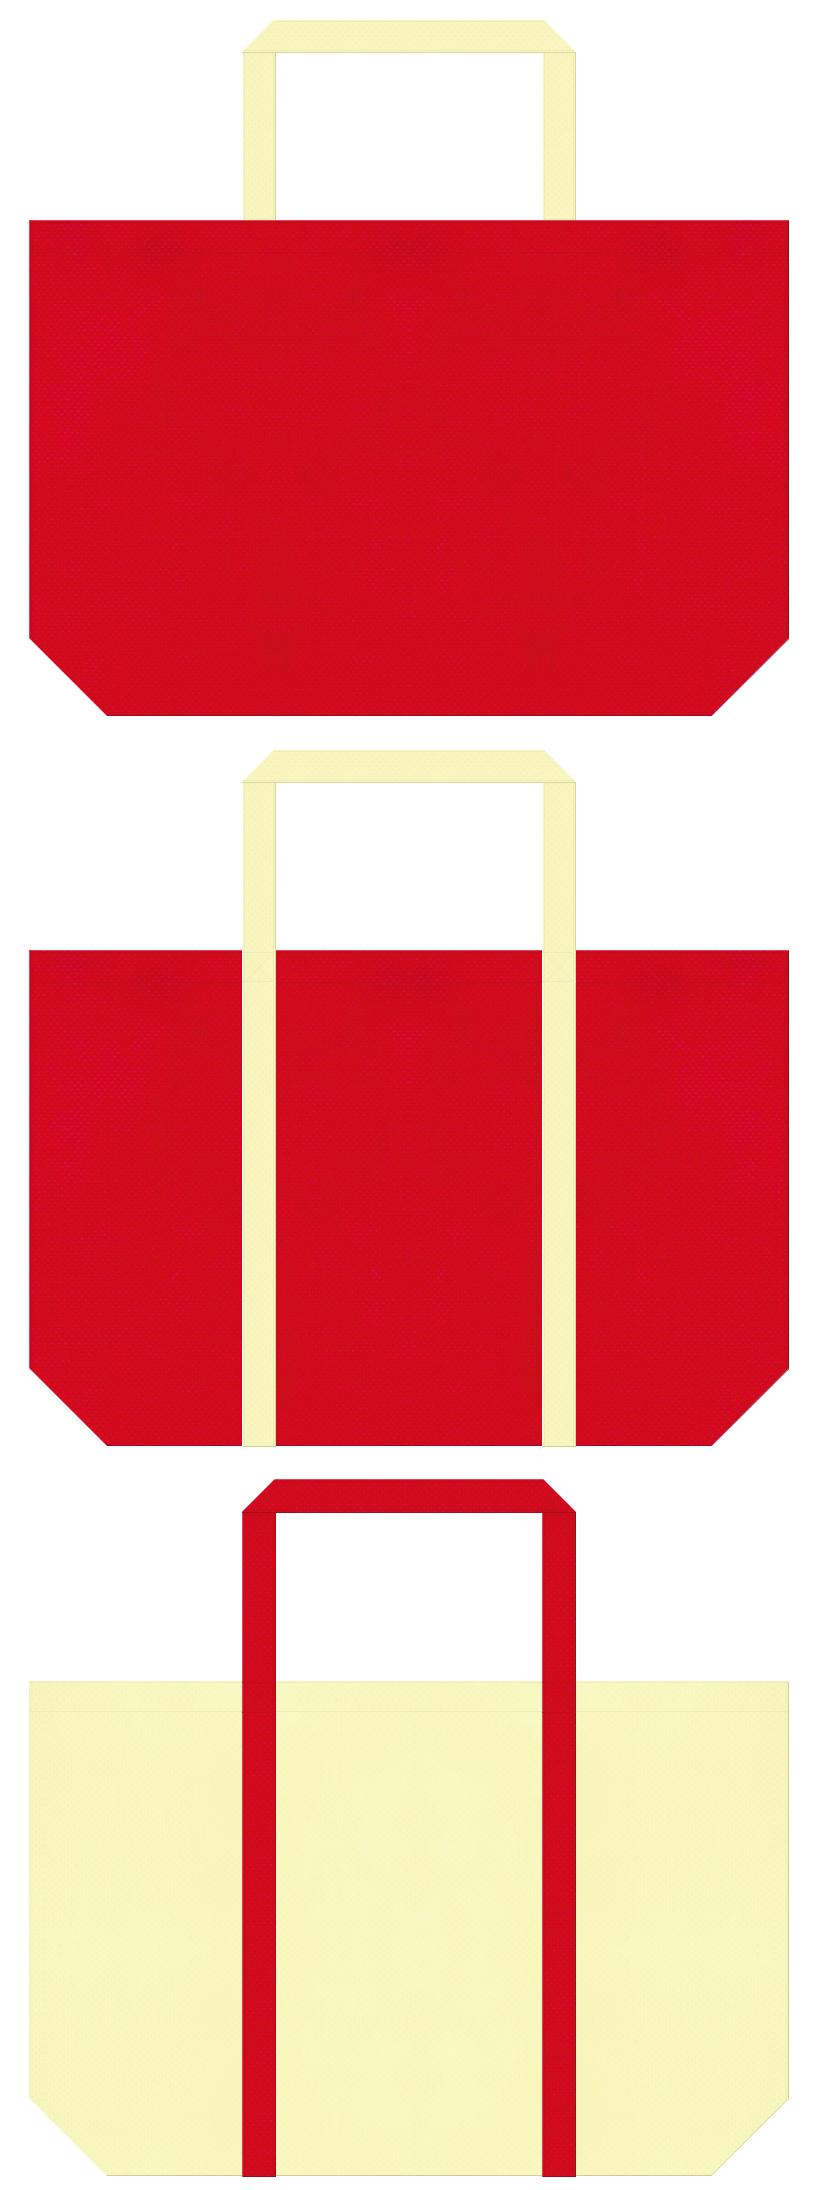 パスタ・ミートソース・トマトケチャップ・タバスコ・チーズ・宅配ピザ・和風催事・ひな祭りセールのショッピングバッグにお奨めの不織布バッグデザイン:紅色と薄黄色のコーデ